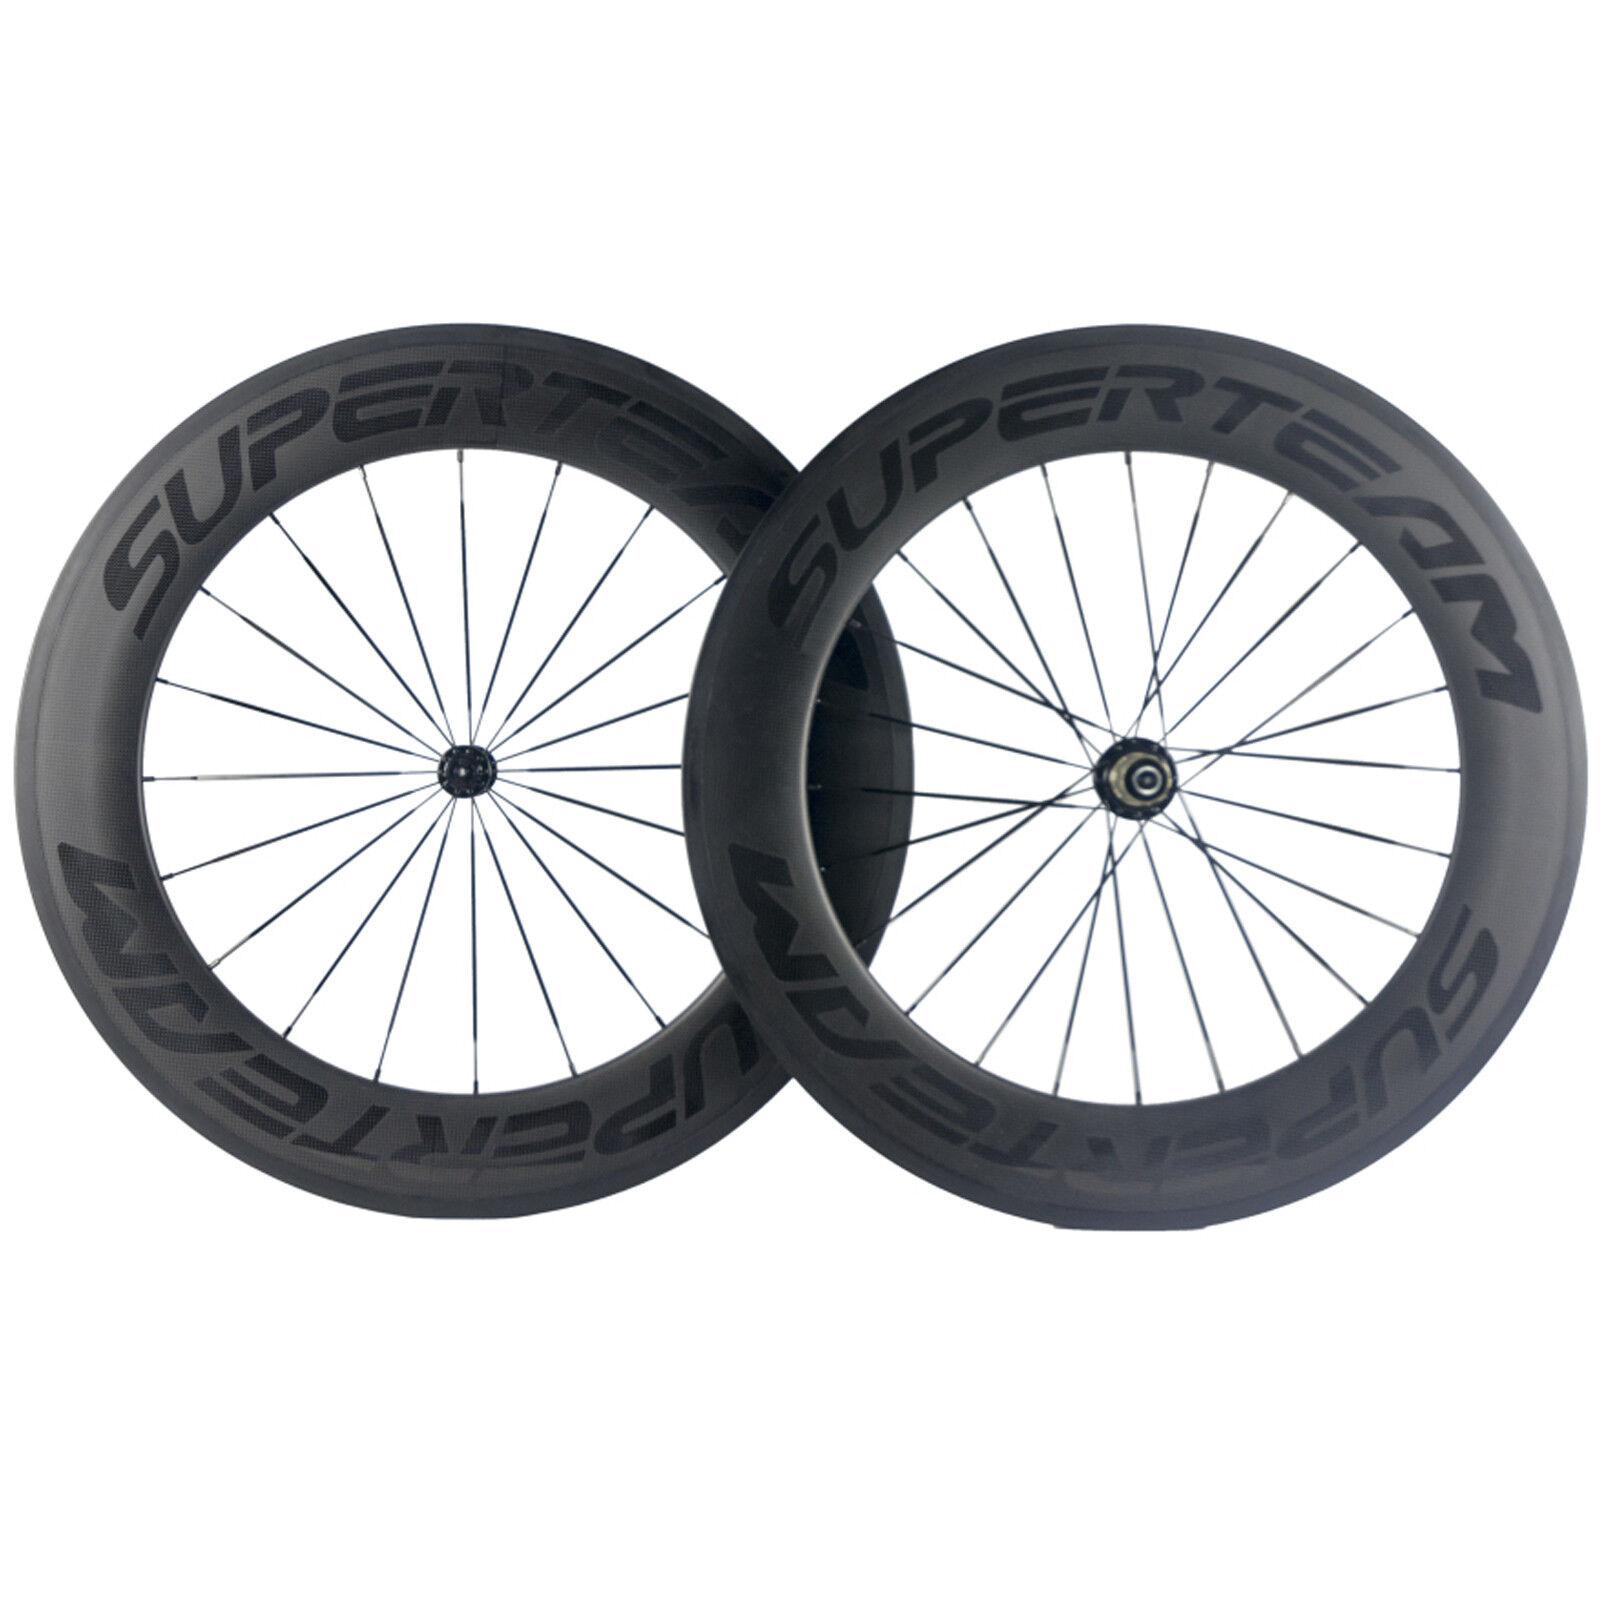 Superteam 88mm Depth Carbon Wheelset Front Or Rear  or Set For Road Bike Wheels  high quality